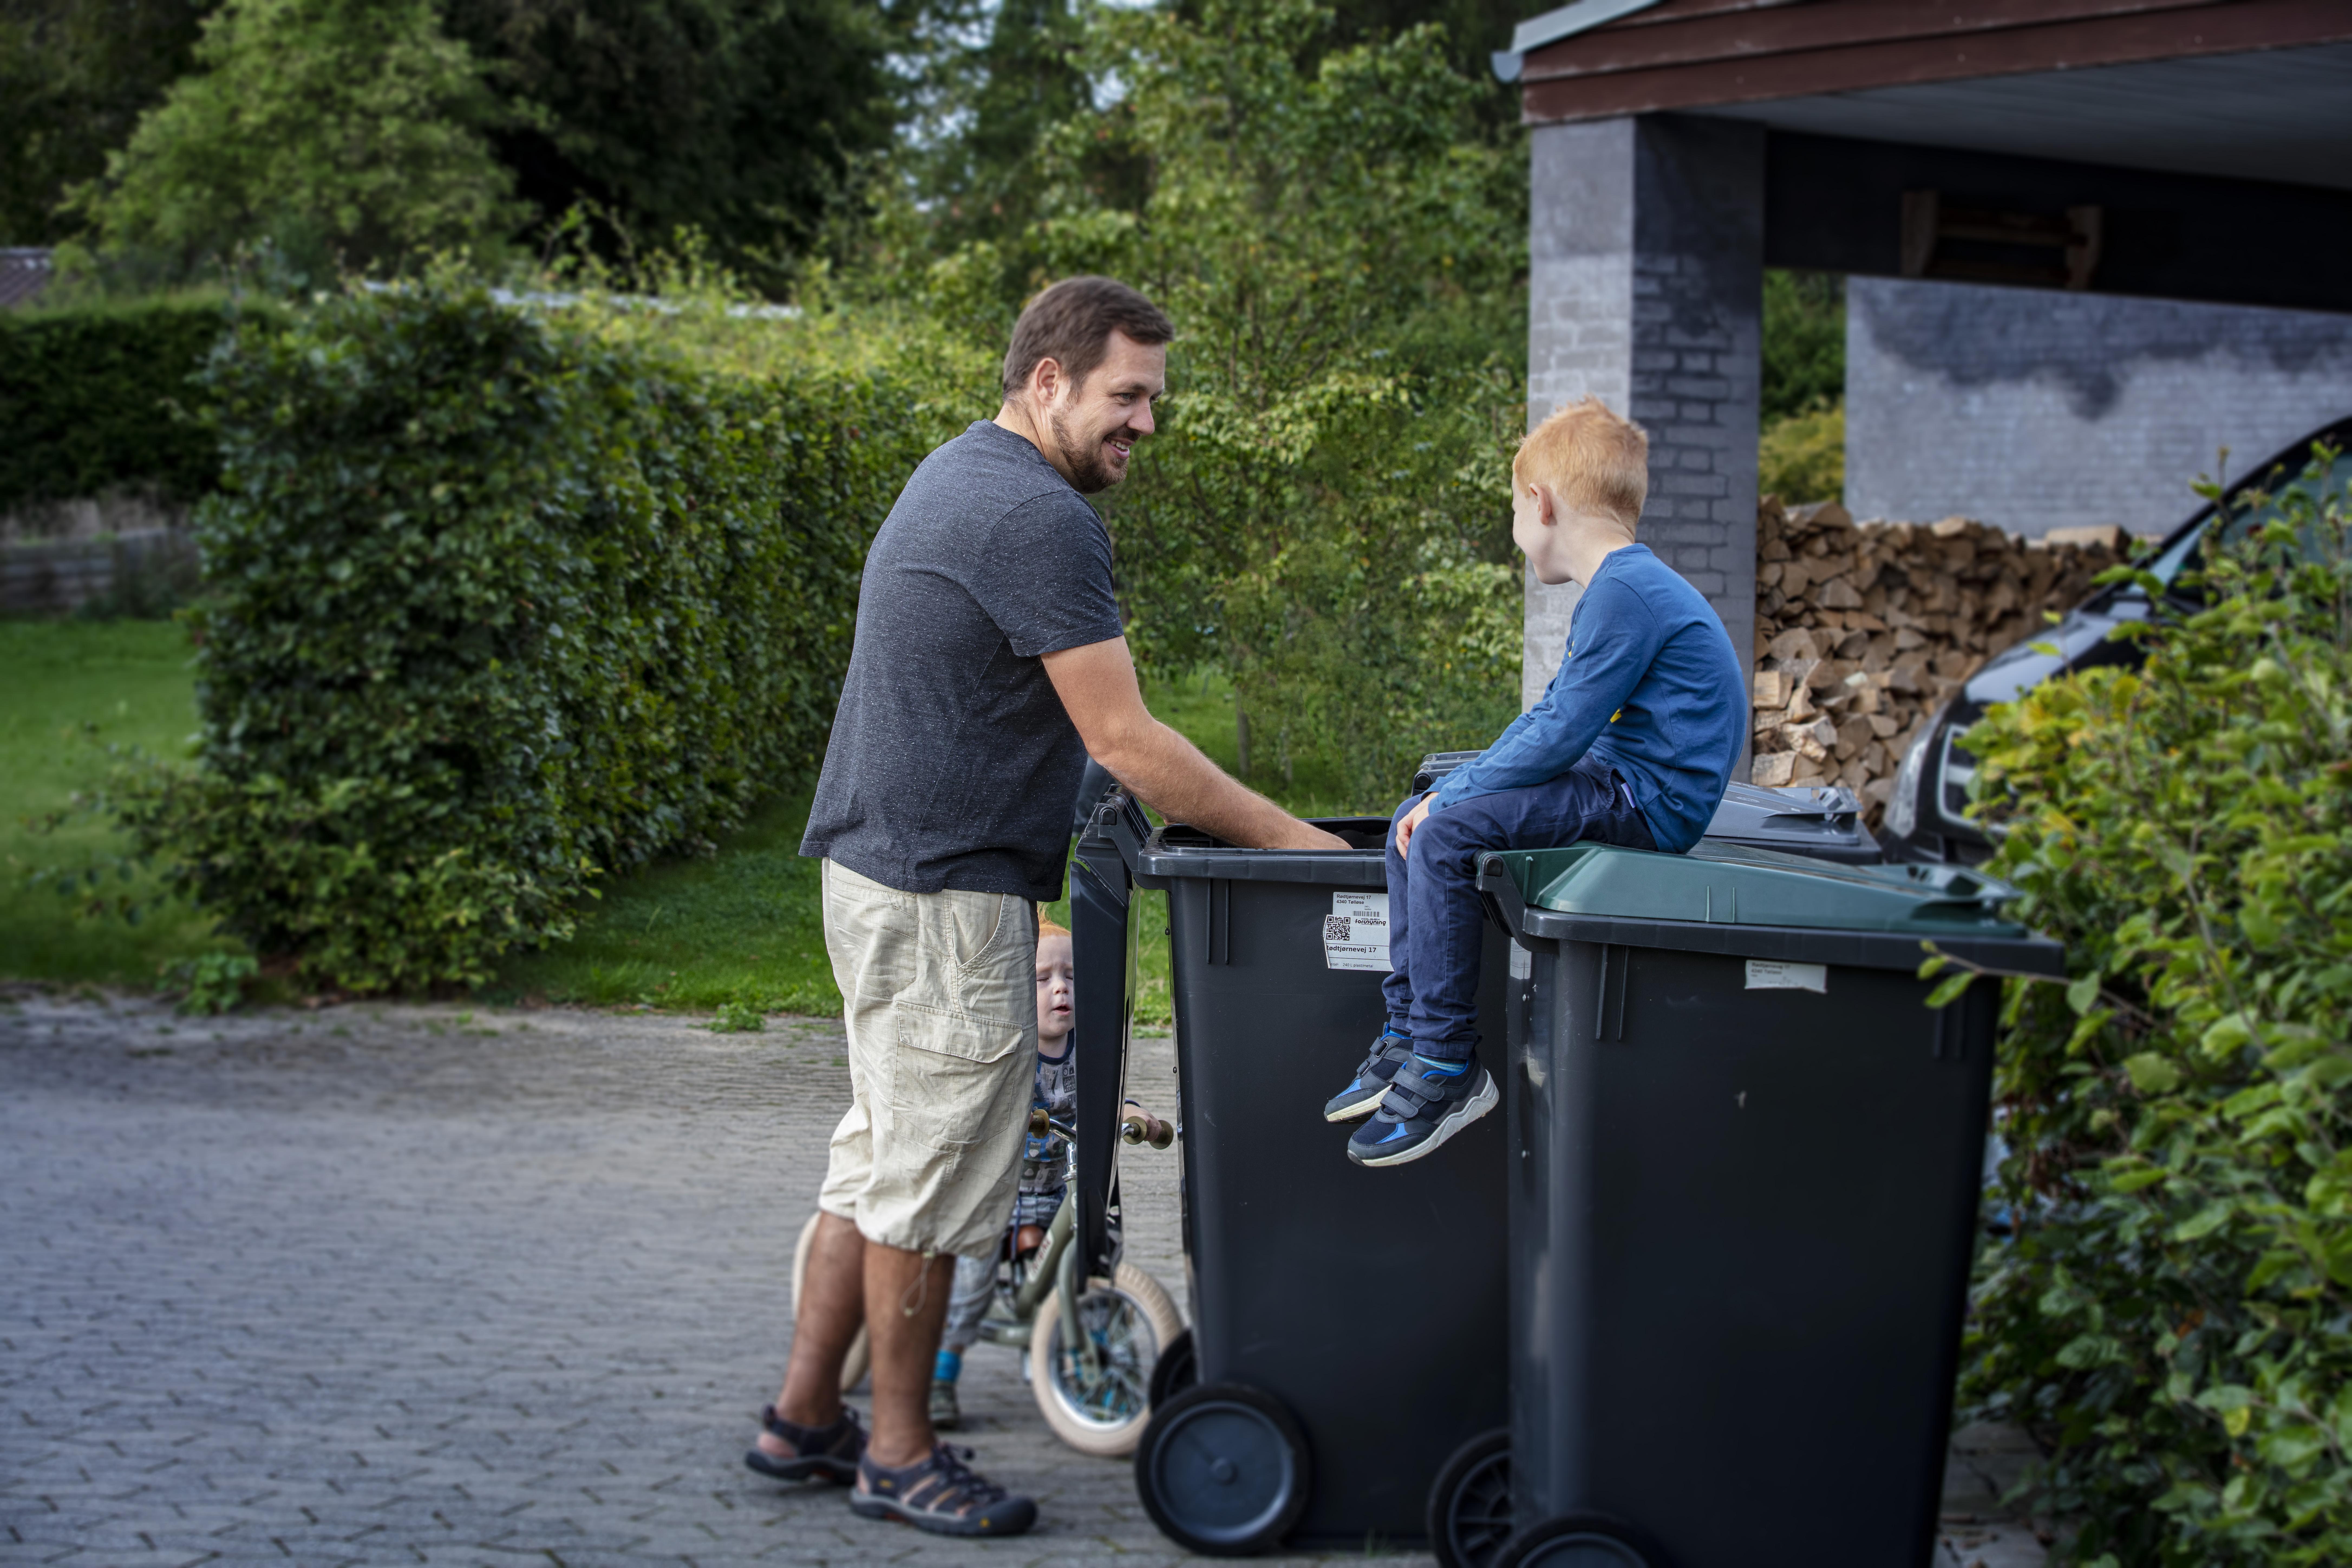 Far og søn sorterer affald